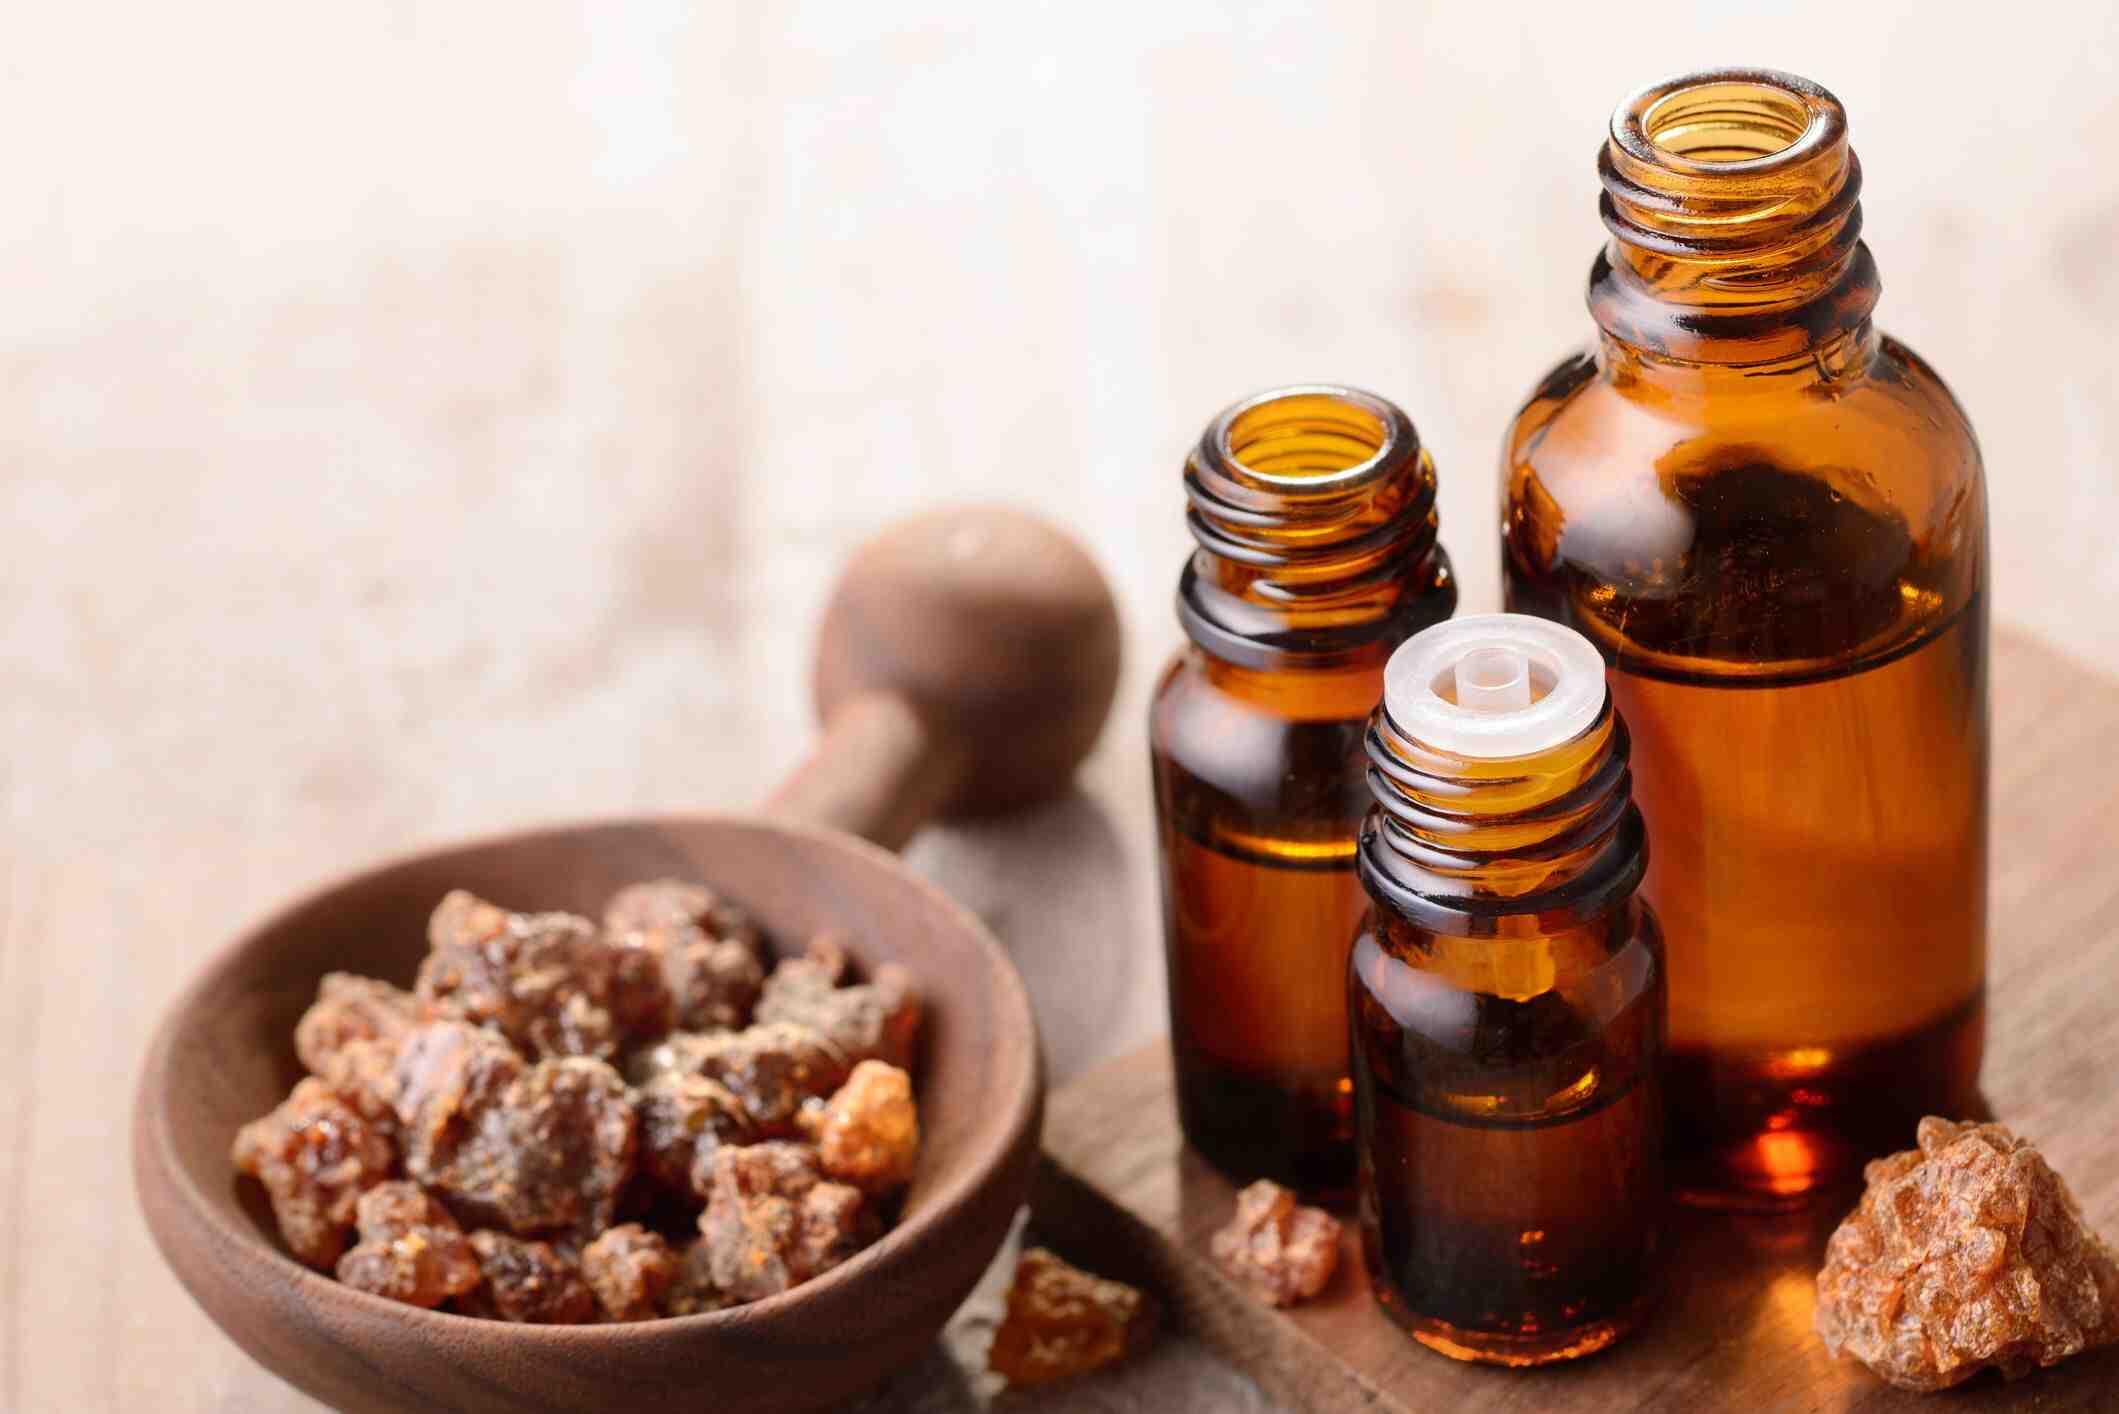 Quelles sont les huiles essentielles pour la purification de l'air?